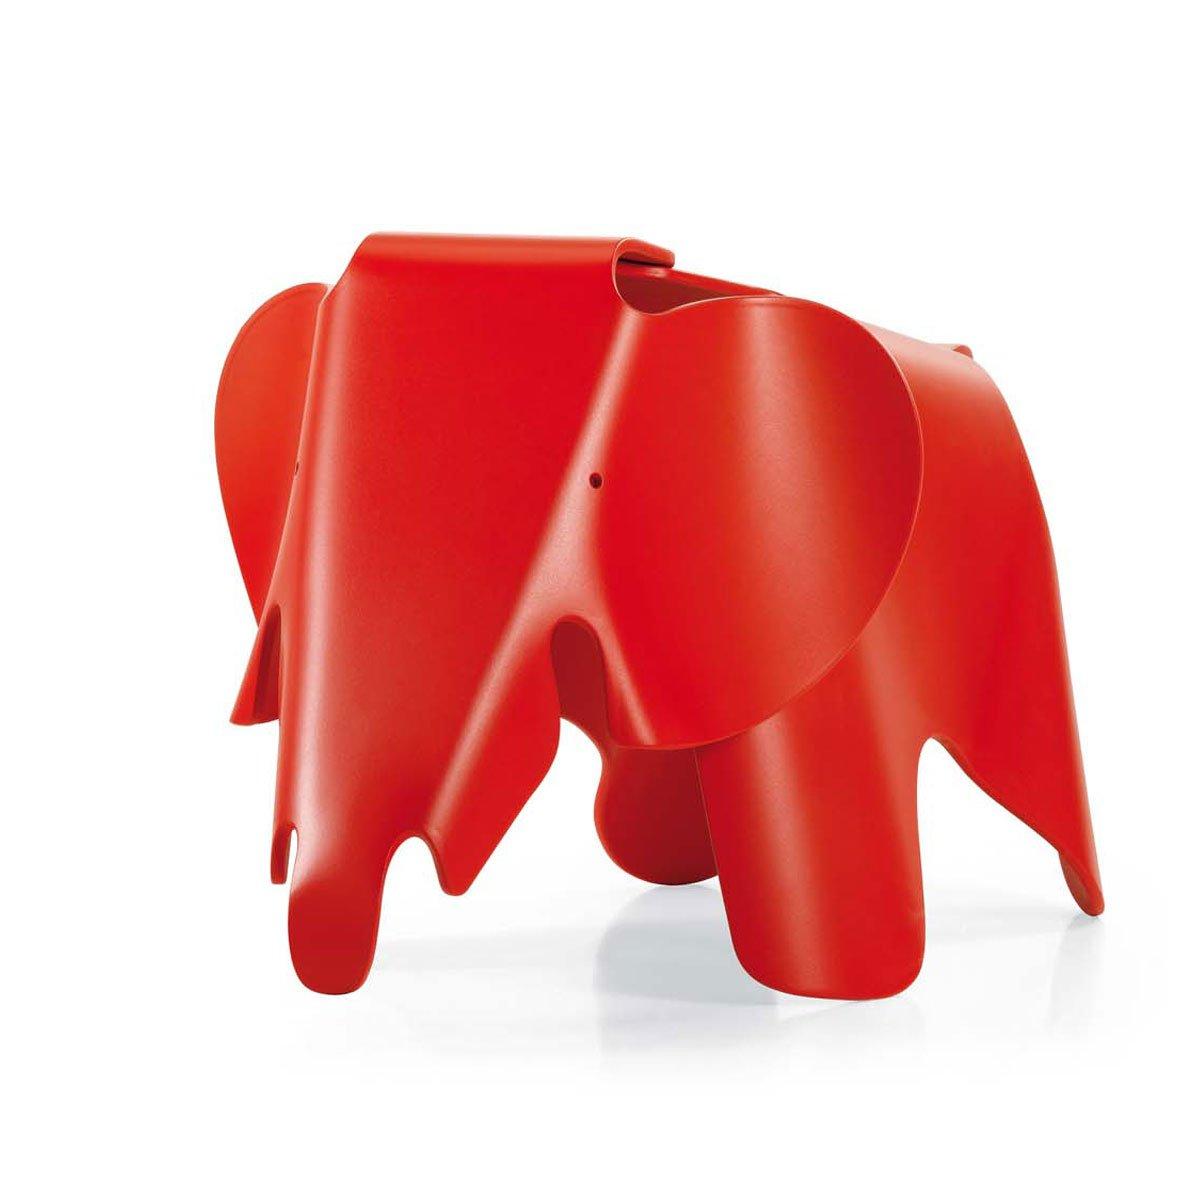 Vitra 21502903 Éléphant Eames Classic en polypropylène mat 417 x 412 x 785 mm (Rouge)